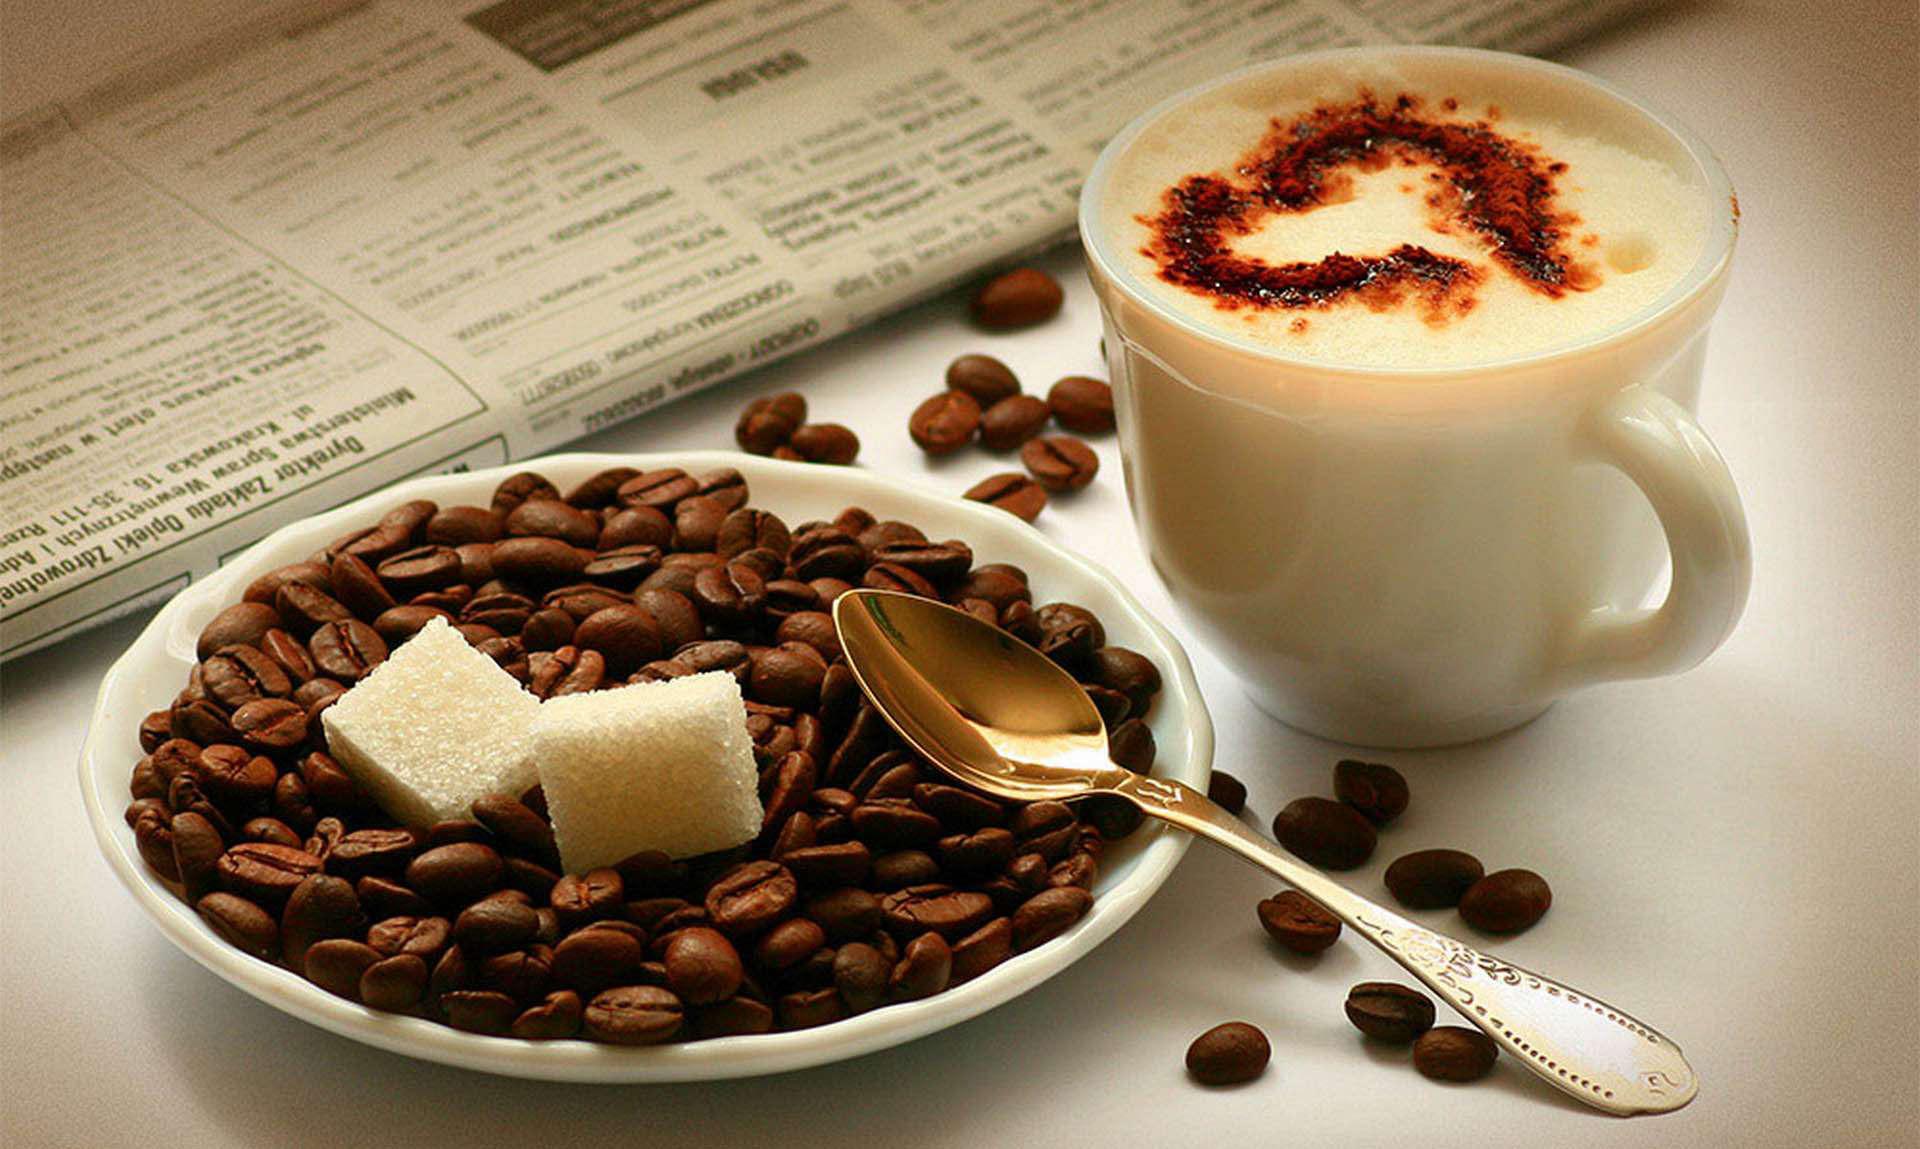 Cà phê phải thơm ngon, nguyên chất, đảm bảo sức khỏe.